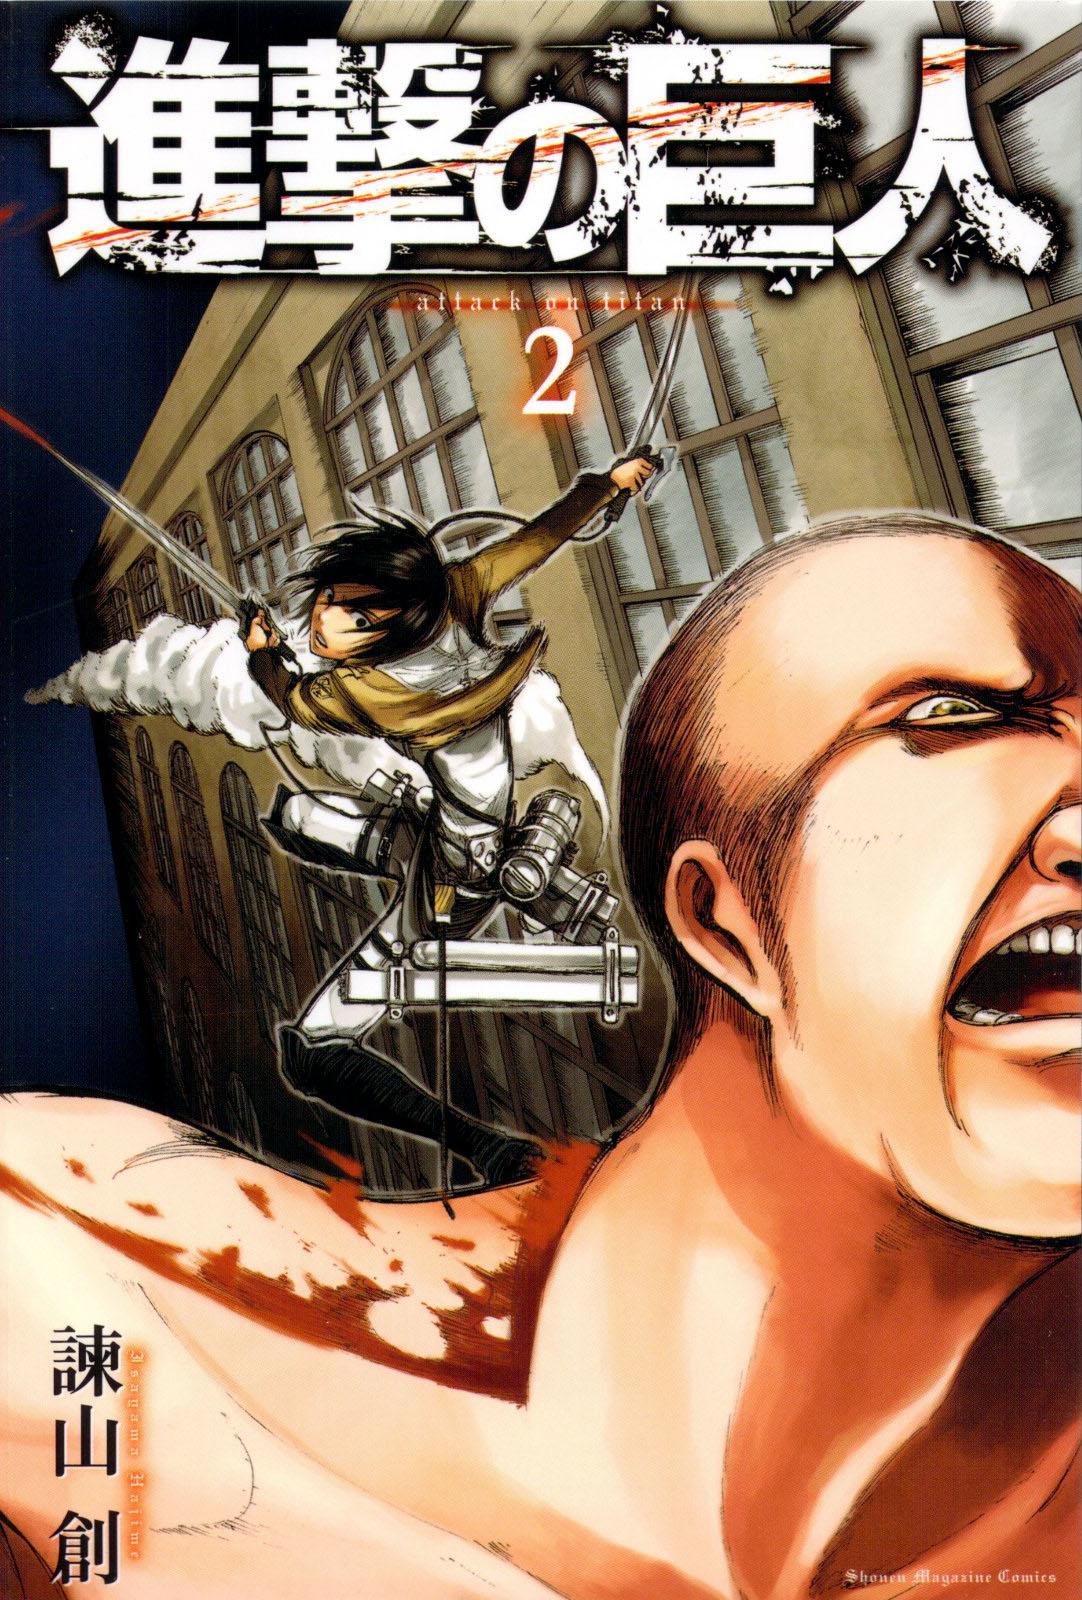 SNK_Manga_Volume_2.png